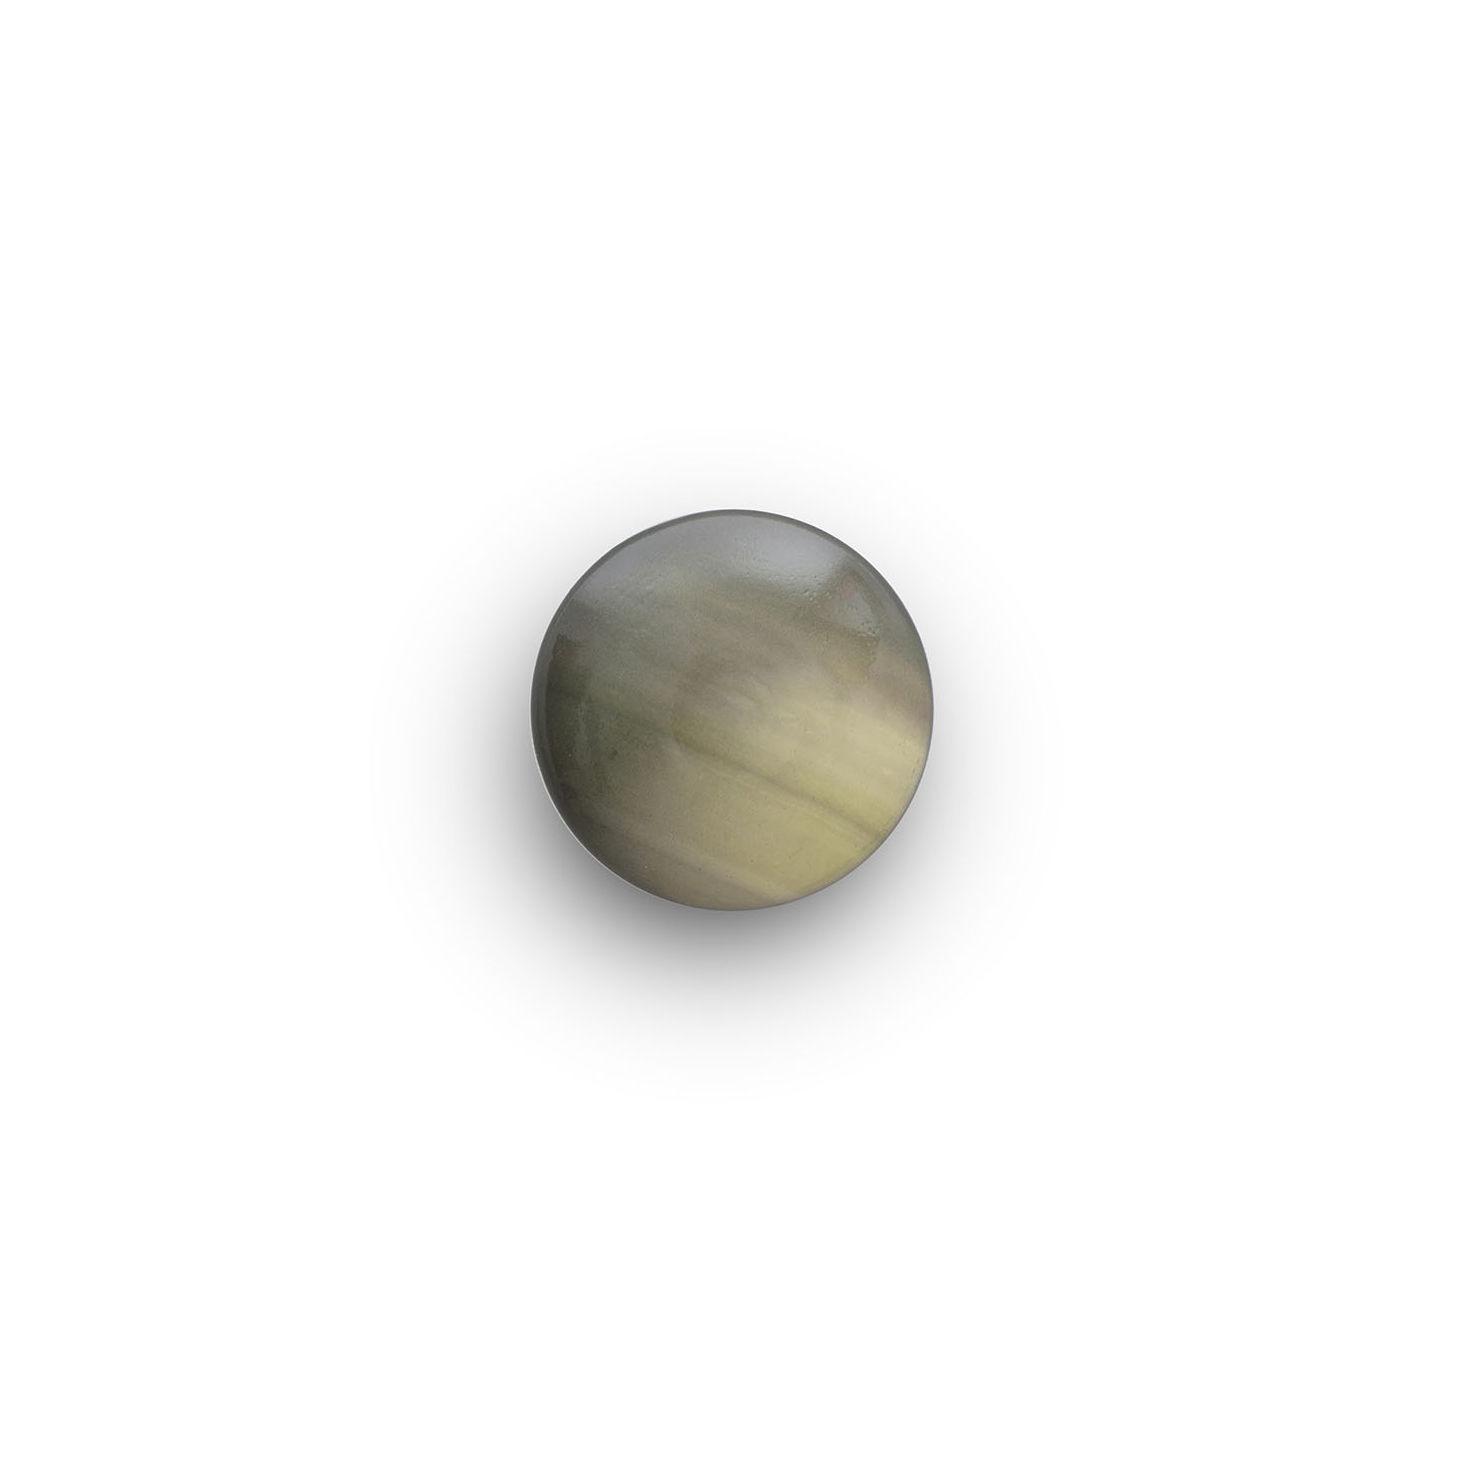 Mobilier - Portemanteaux, patères & portants - Patère Cosmic Diner - Saturne / ø 10 cm - Diesel living with Seletti - Saturne - Bois